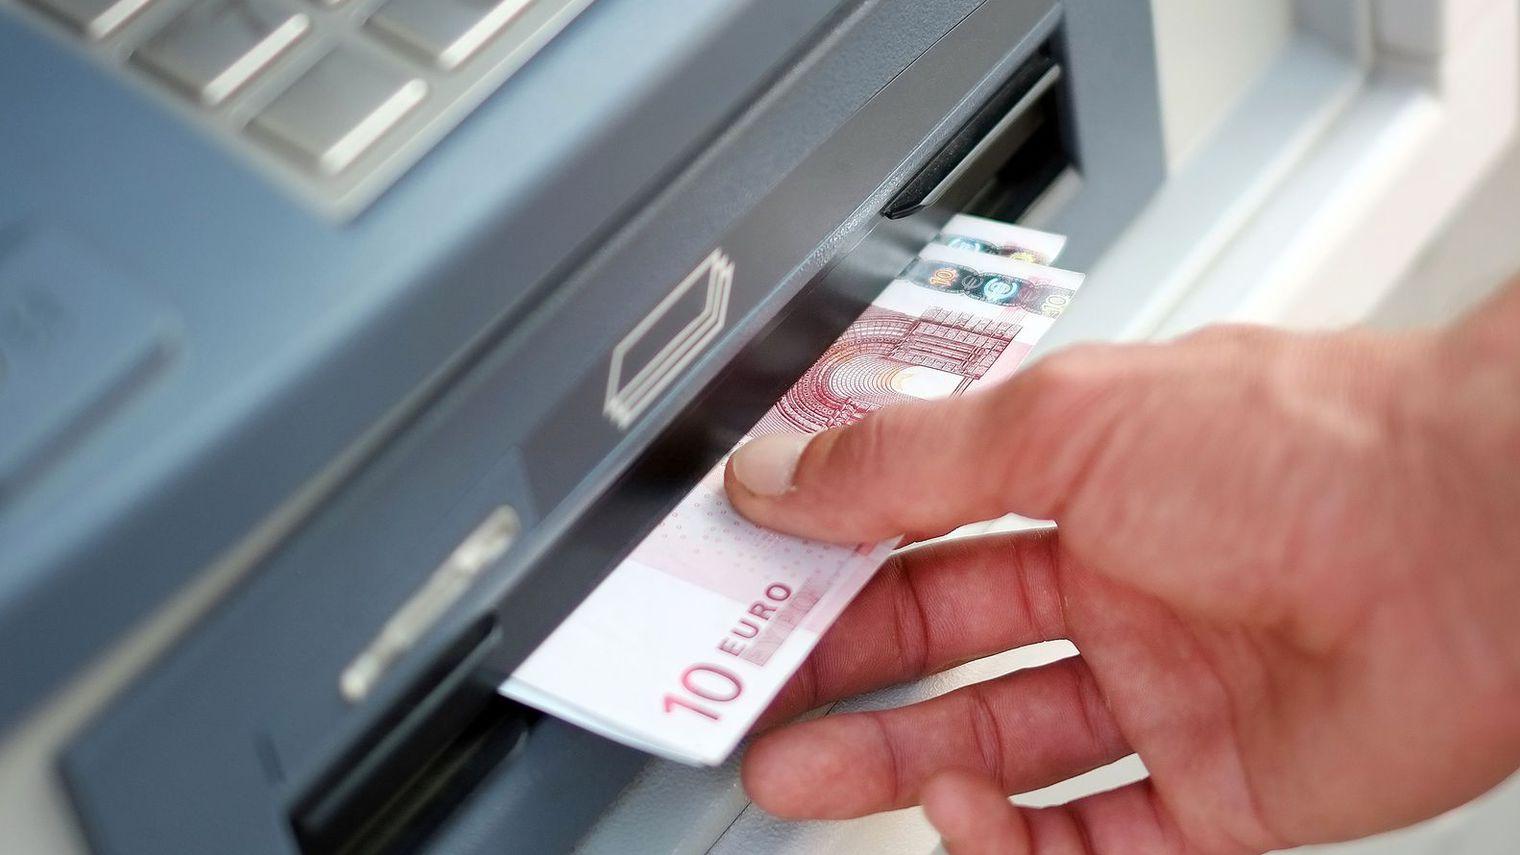 Tarif bancaire, chez qui faut-il aller signer ?